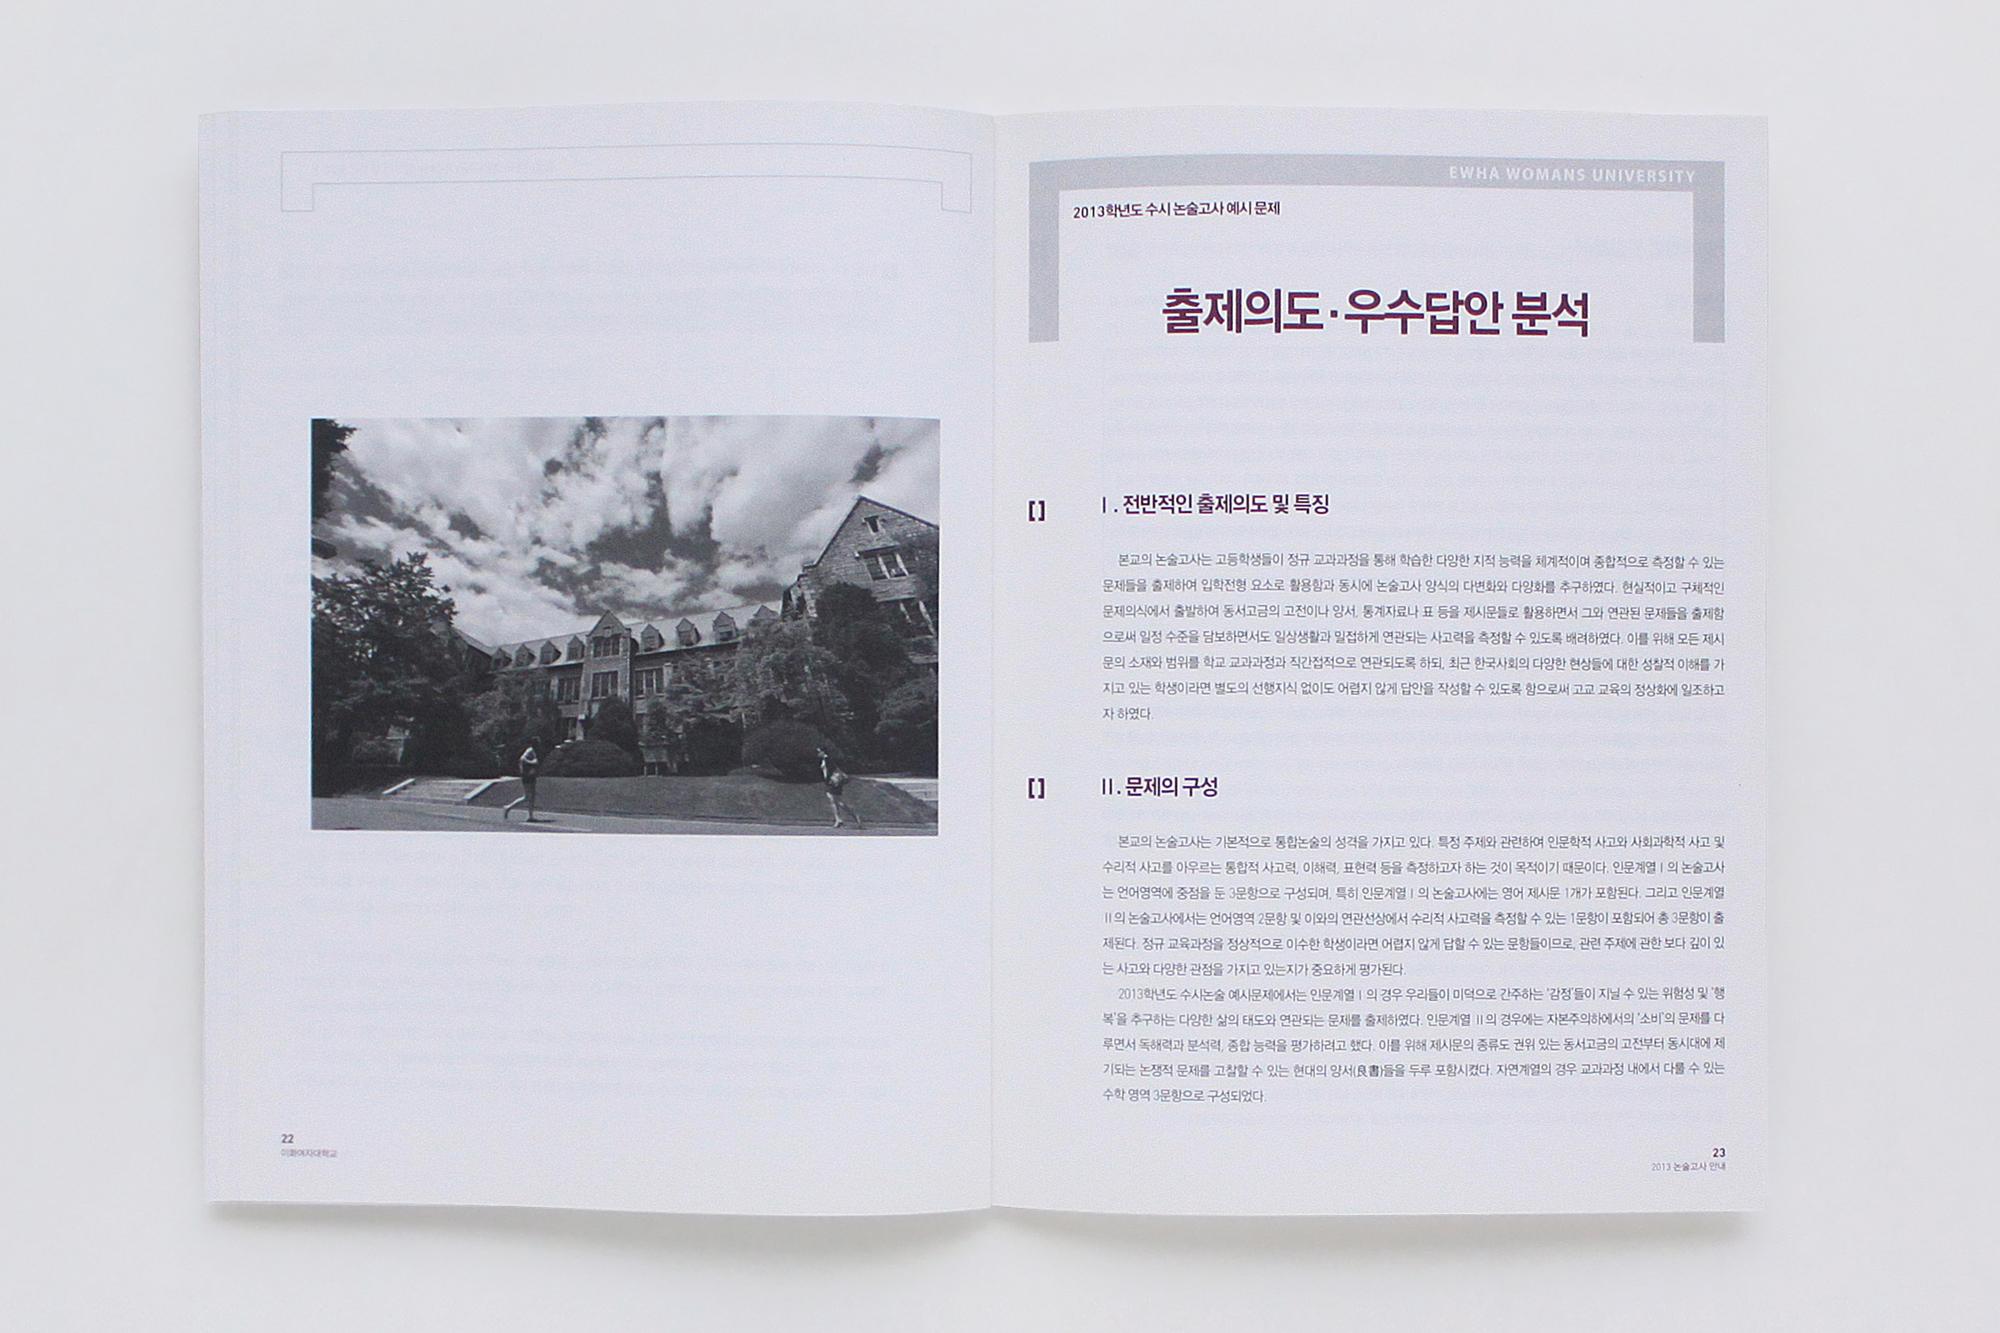 2013-이화논술고사안내 (5)